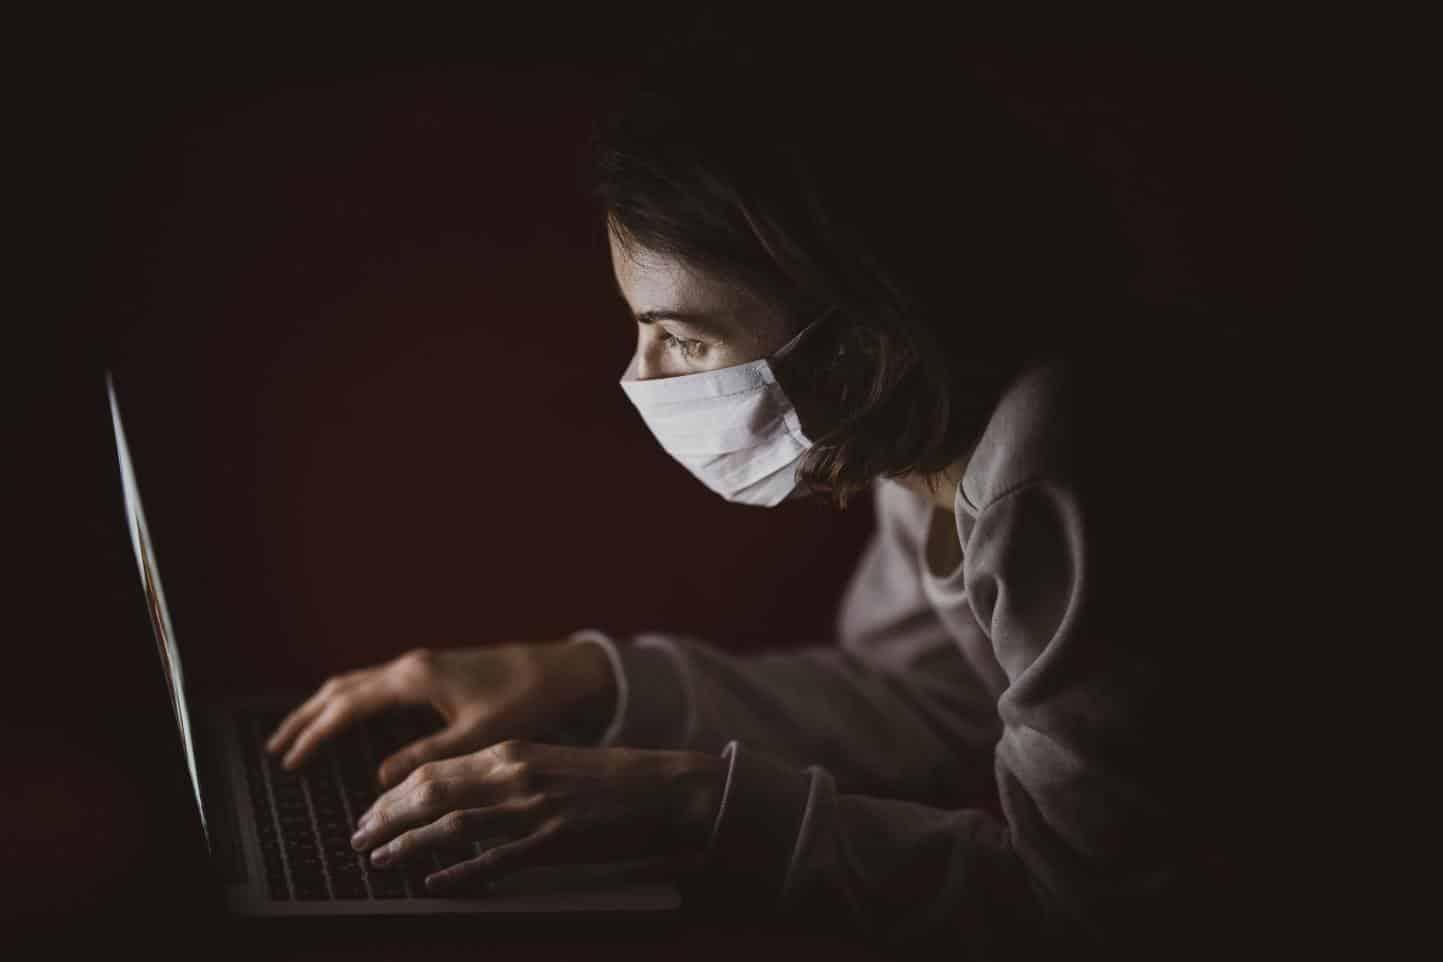 تطبيقات تتبع الاحتكاك ليست السلاح الوحيد في مواجهة الوباء